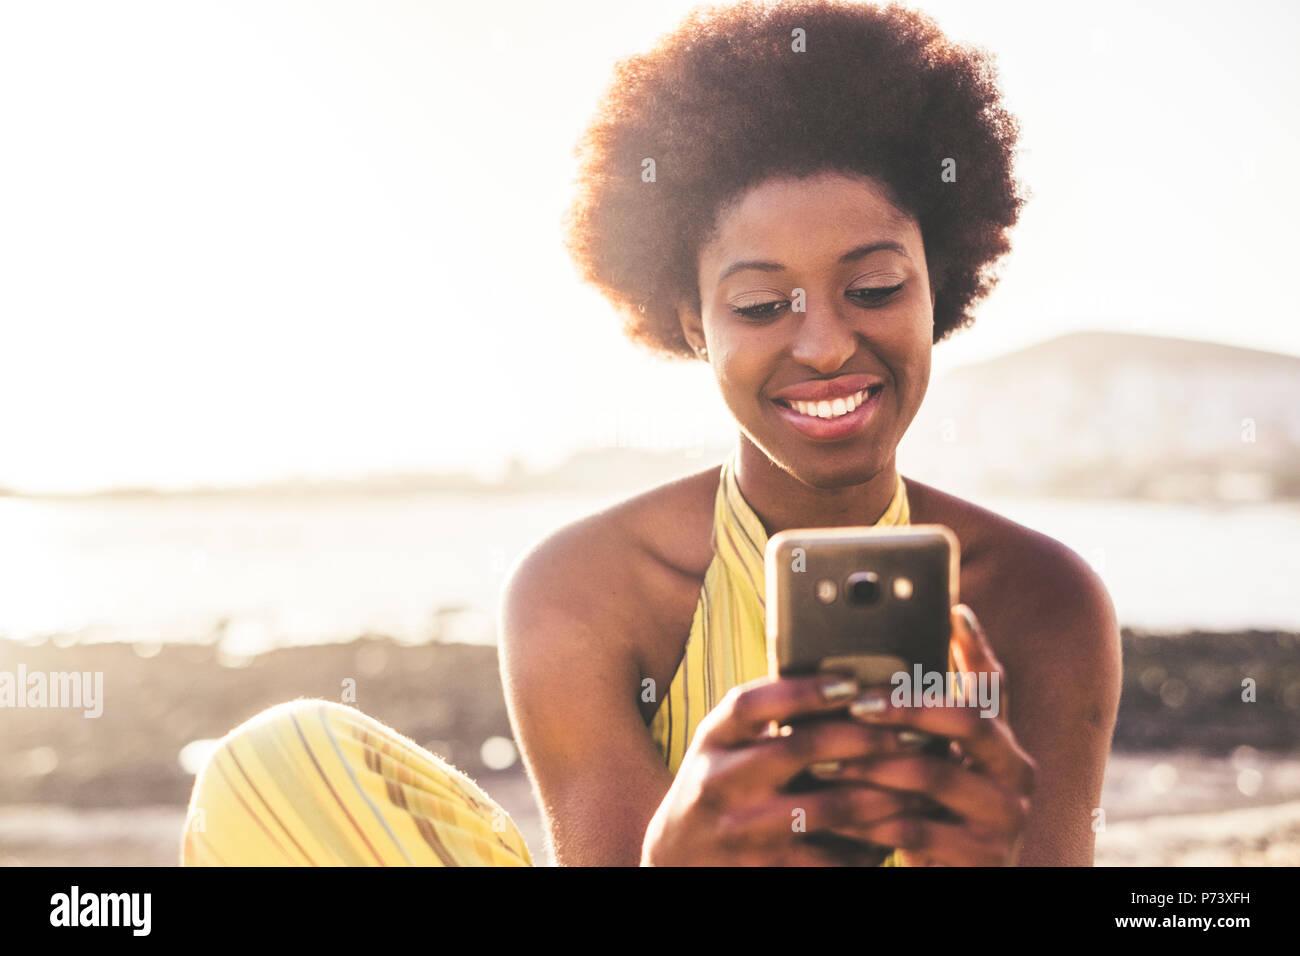 Schöne junge Modell Mädchen schwarz rac-afrikanischen Haar verwenden mobile phone technology Freunde bei einem Urlaub zu schreiben. Blick auf das Meer und die Hintergrundbeleuchtung im Hintergrund, o Stockbild